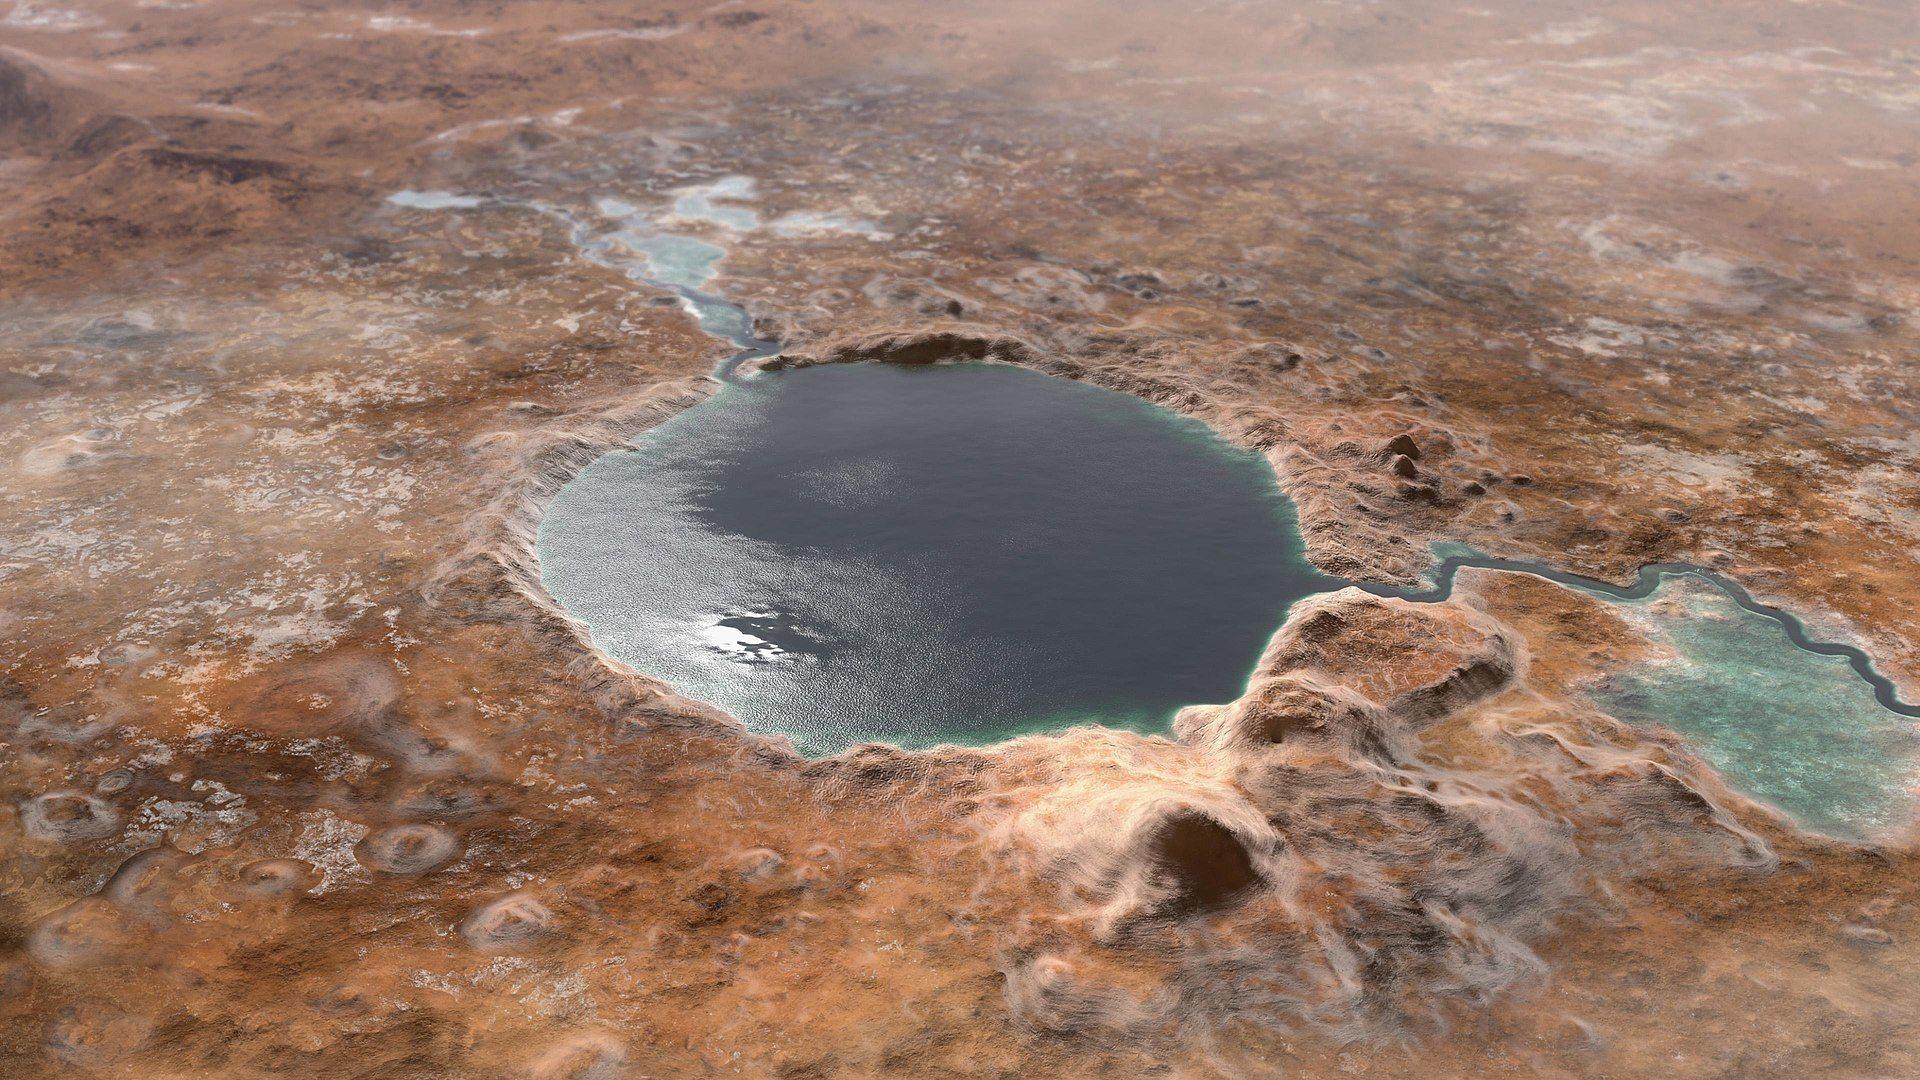 В миналото кратерът Джезеро е бил езеро, пълно с течна вода